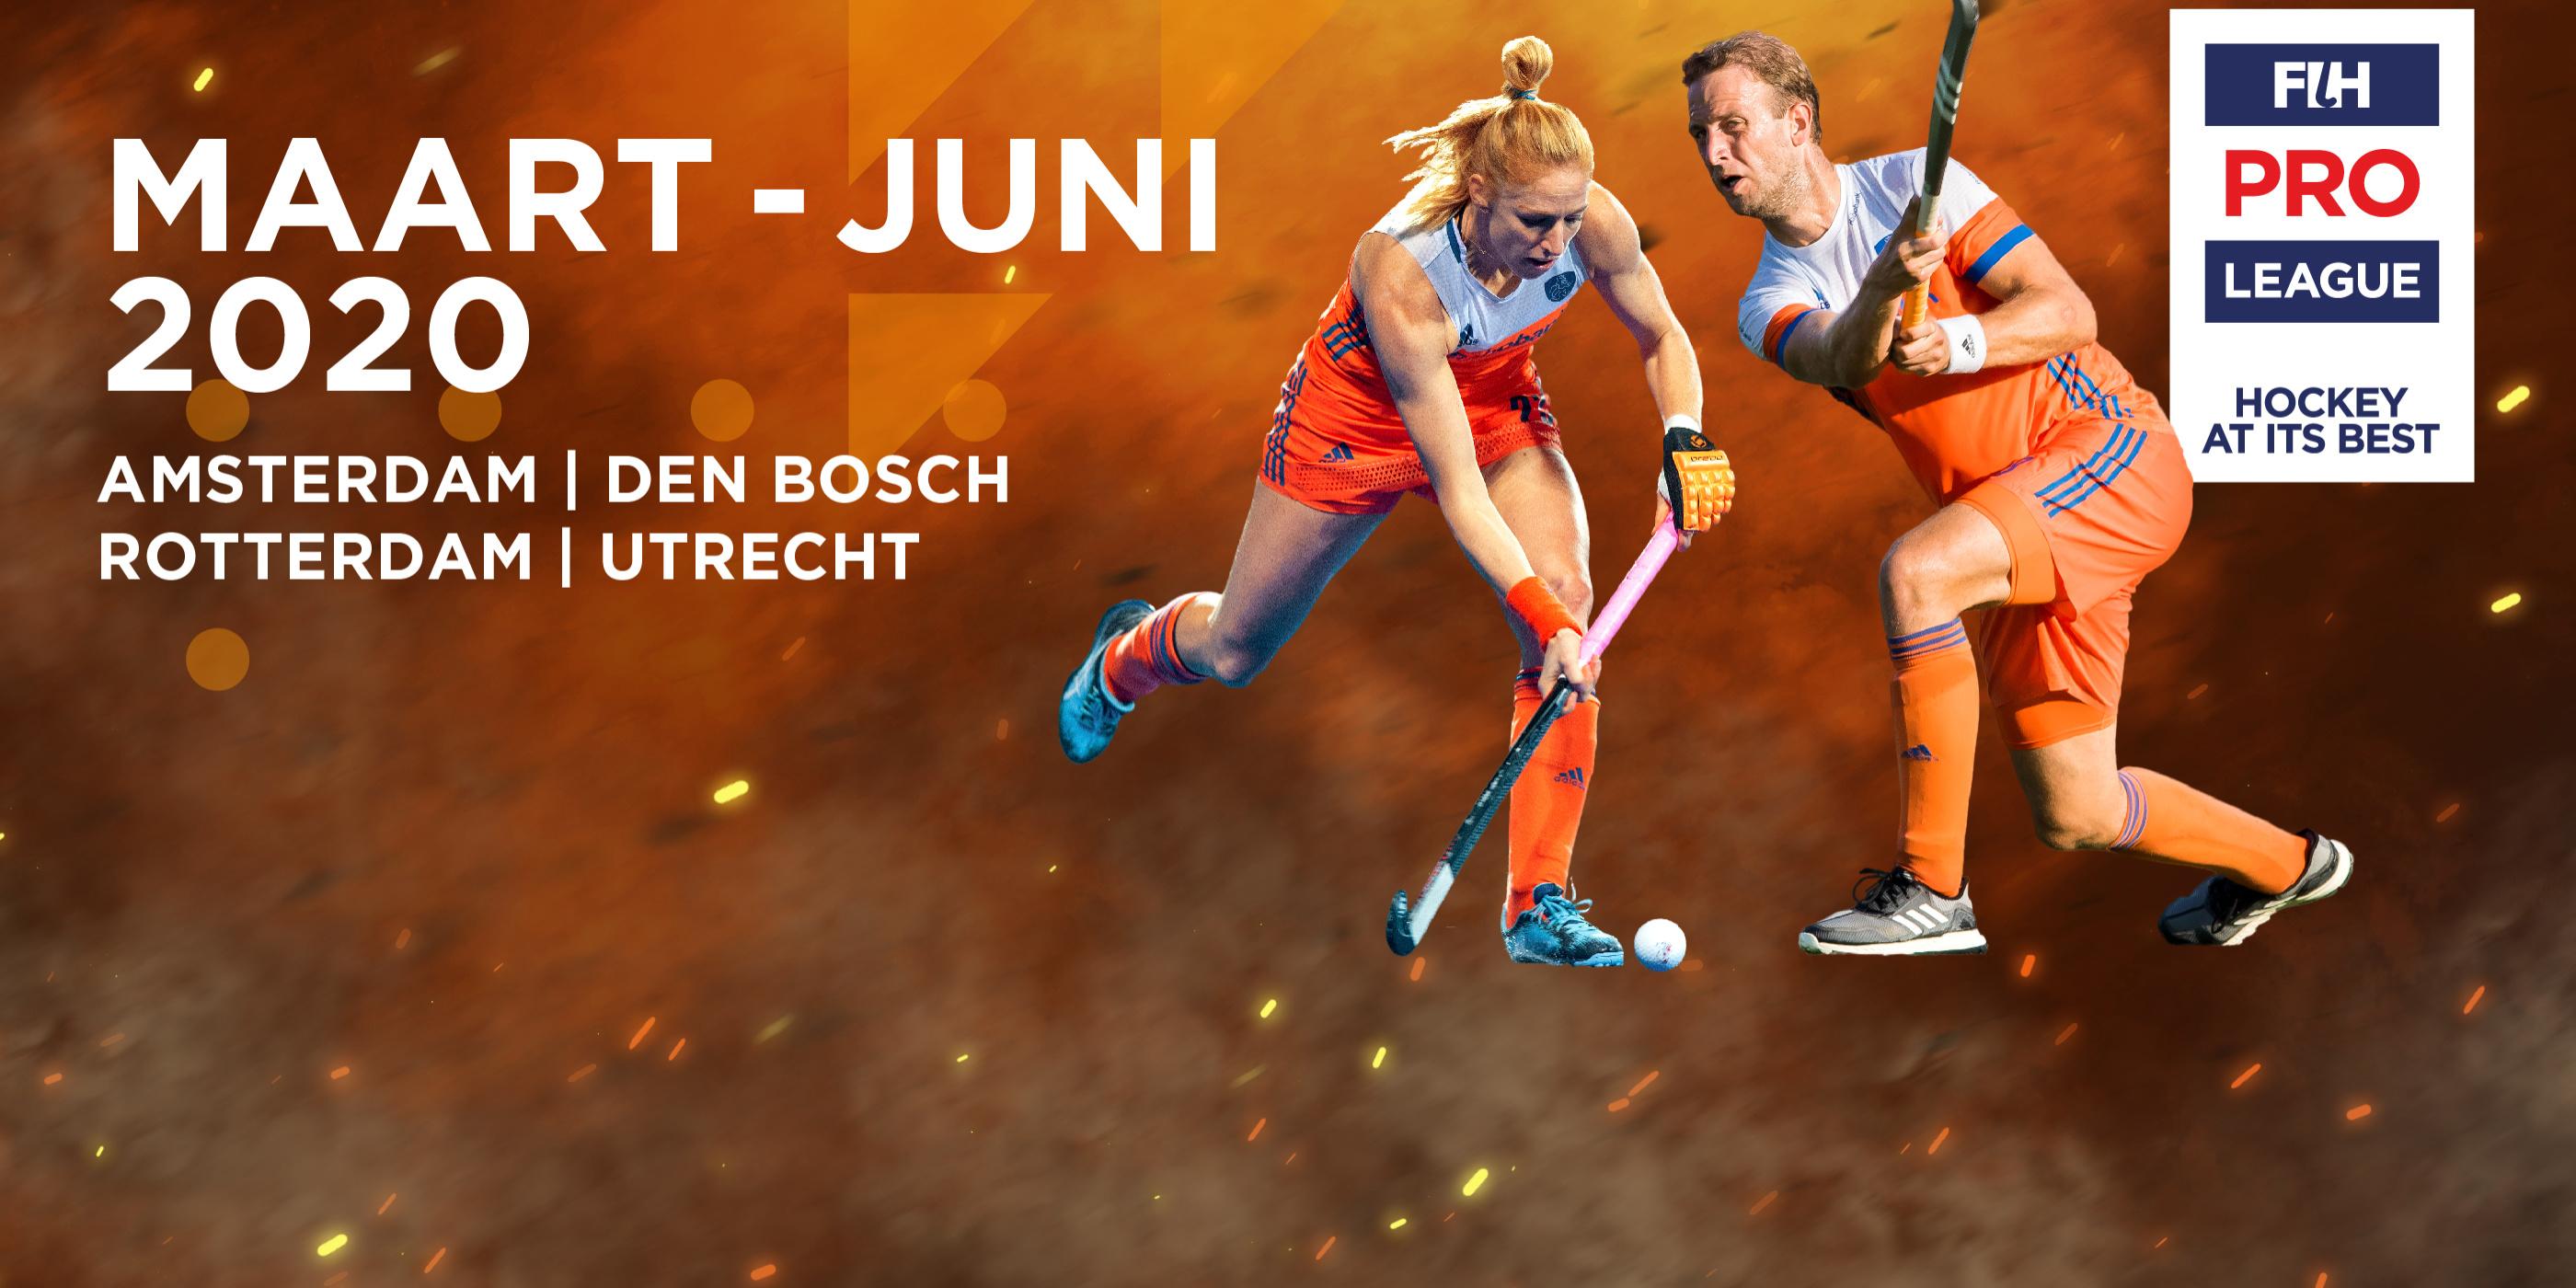 FIH Pro League 2020 in Rotterdam, Den Bosch, Utrecht en Amsterdam